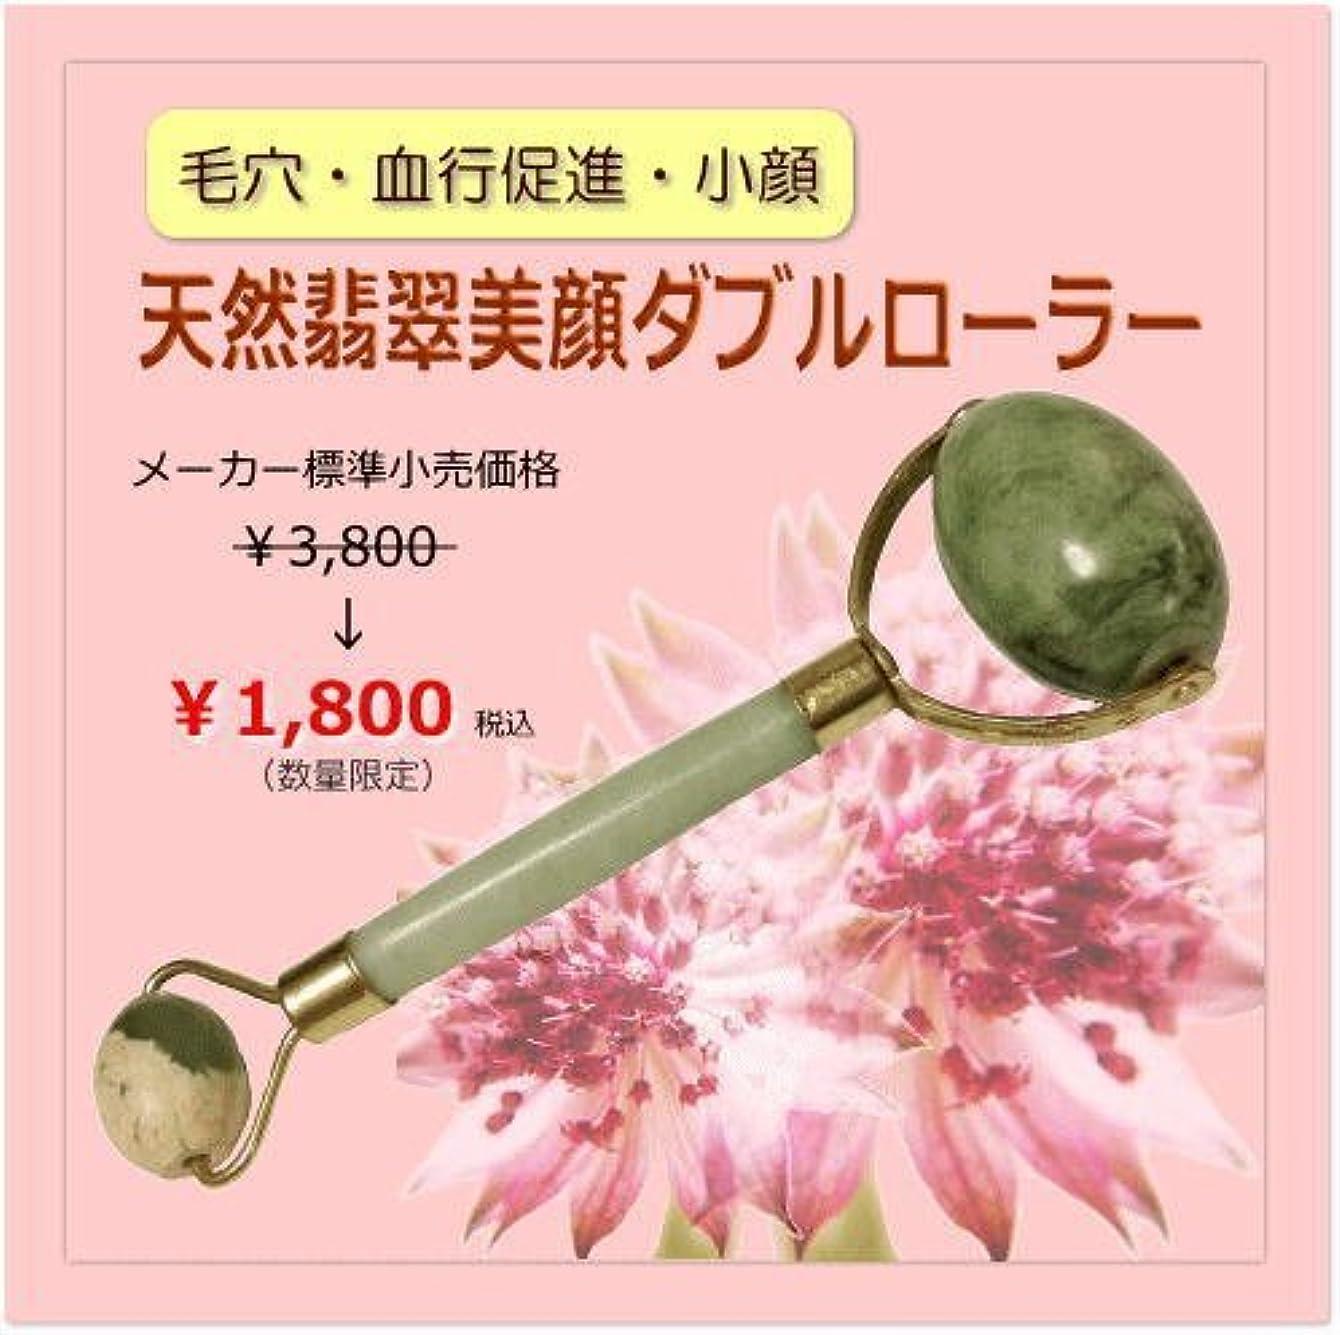 【天然石】翡翠?美顔ダブルローラー/毛穴?小顔?引き締め?血行促進効果